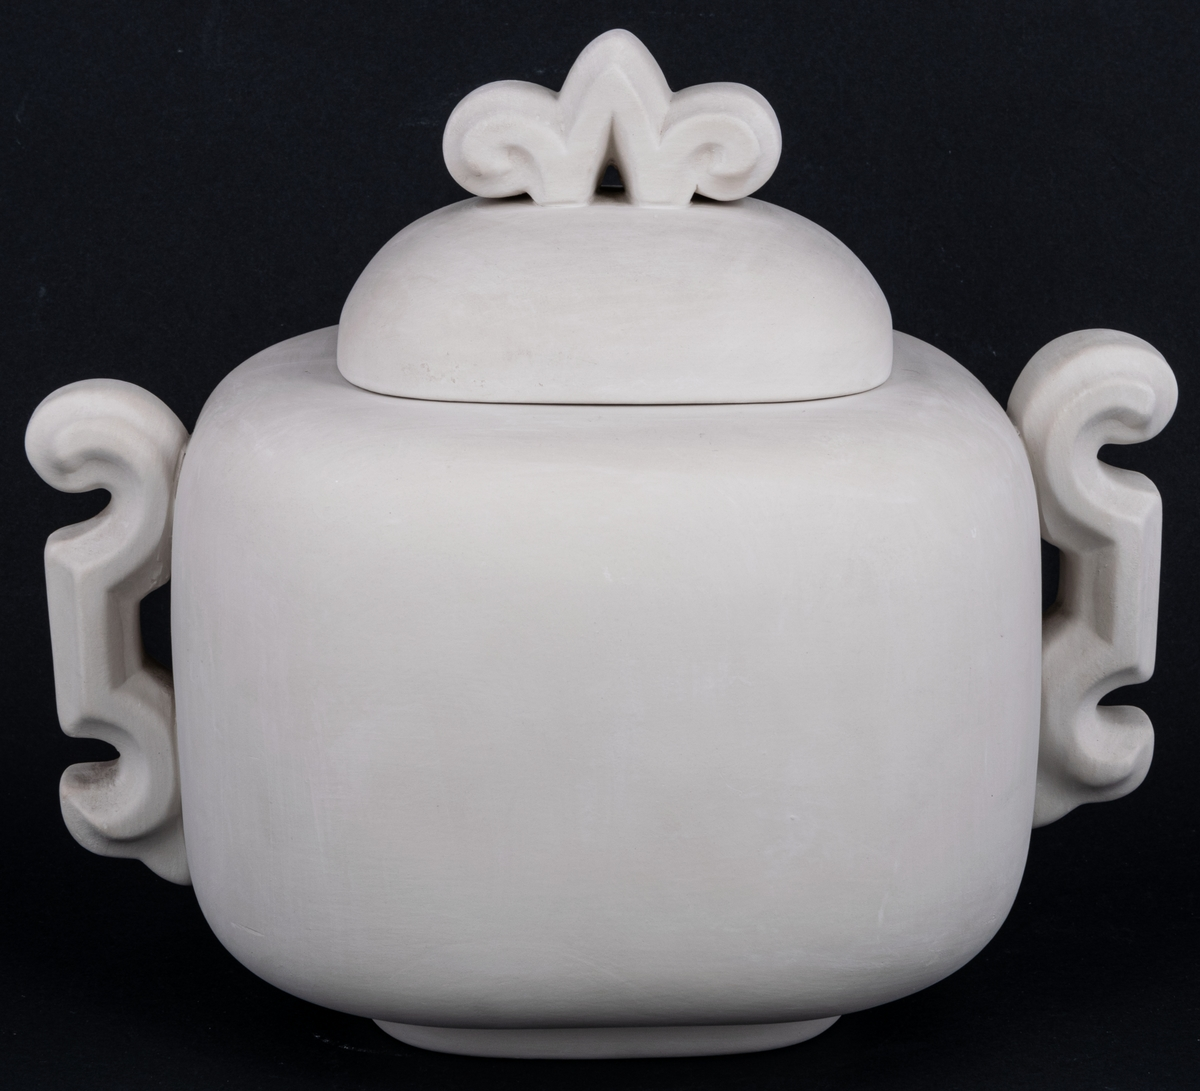 Oglaserad urna, modell A, av vitt lergods, ej färdigställd produkt från Gävle porslinsfabrik.